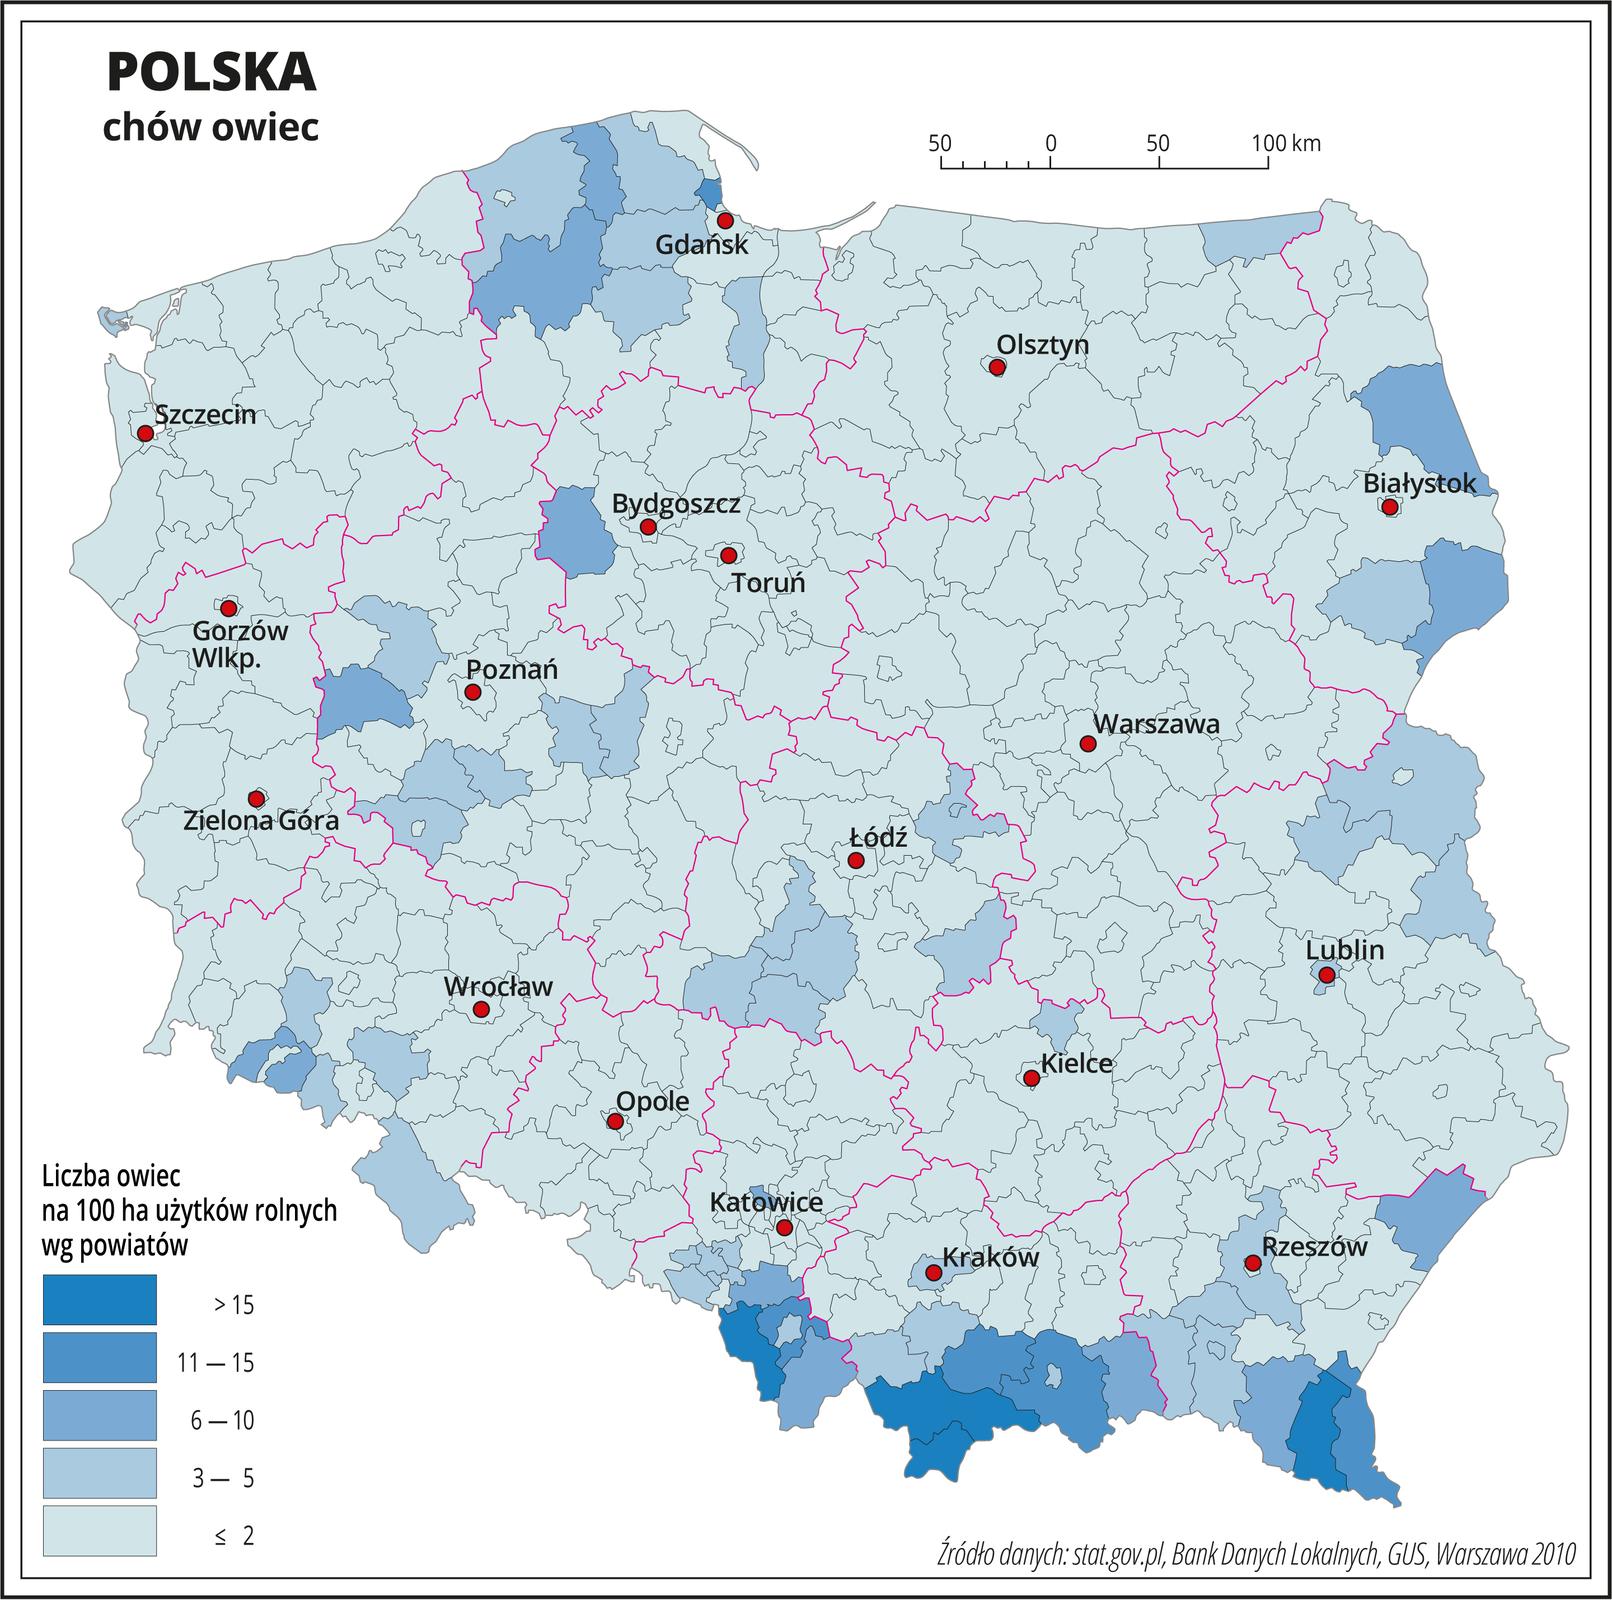 Ilustracja przedstawia mapę Polski zpodziałem na powiaty, na której za pomocą kolorów przedstawiono liczbę sztuk owiec na sto hektarów użytków rolnych wg powiatów. Na mapie czerwonymi liniami oznaczono granice województw, aczarnymi granice powiatów, czerwonymi kropkami oznaczono miasta wojewódzkie ije opisano. Najciemniejszymi odcieniami koloru niebieskiego oznaczono obszary, gdzie występuje powyżej dziesięciu sztuk owiec na sto hektarów użytków rolnych. Są to tereny górskie wwojewództwie śląskim, małopolskim ipodkarpackim. Od sześciu do dziesięciu sztuk owiec na sto hektarów użytków rolnych występuje wpojedynczych powiatach wwojewództwie podlaskim, pomorskim, kujawsko-pomorskim iwielkopolskim. Pozostała część Polski oznaczona jest kolorem błękitnym obrazującym najmniejsze występowanie owiec – poniżej pięciu sztuk na sto hektarów użytków rolnych. Poniżej mapy wlegendzie opisano kolory użyte na mapie.